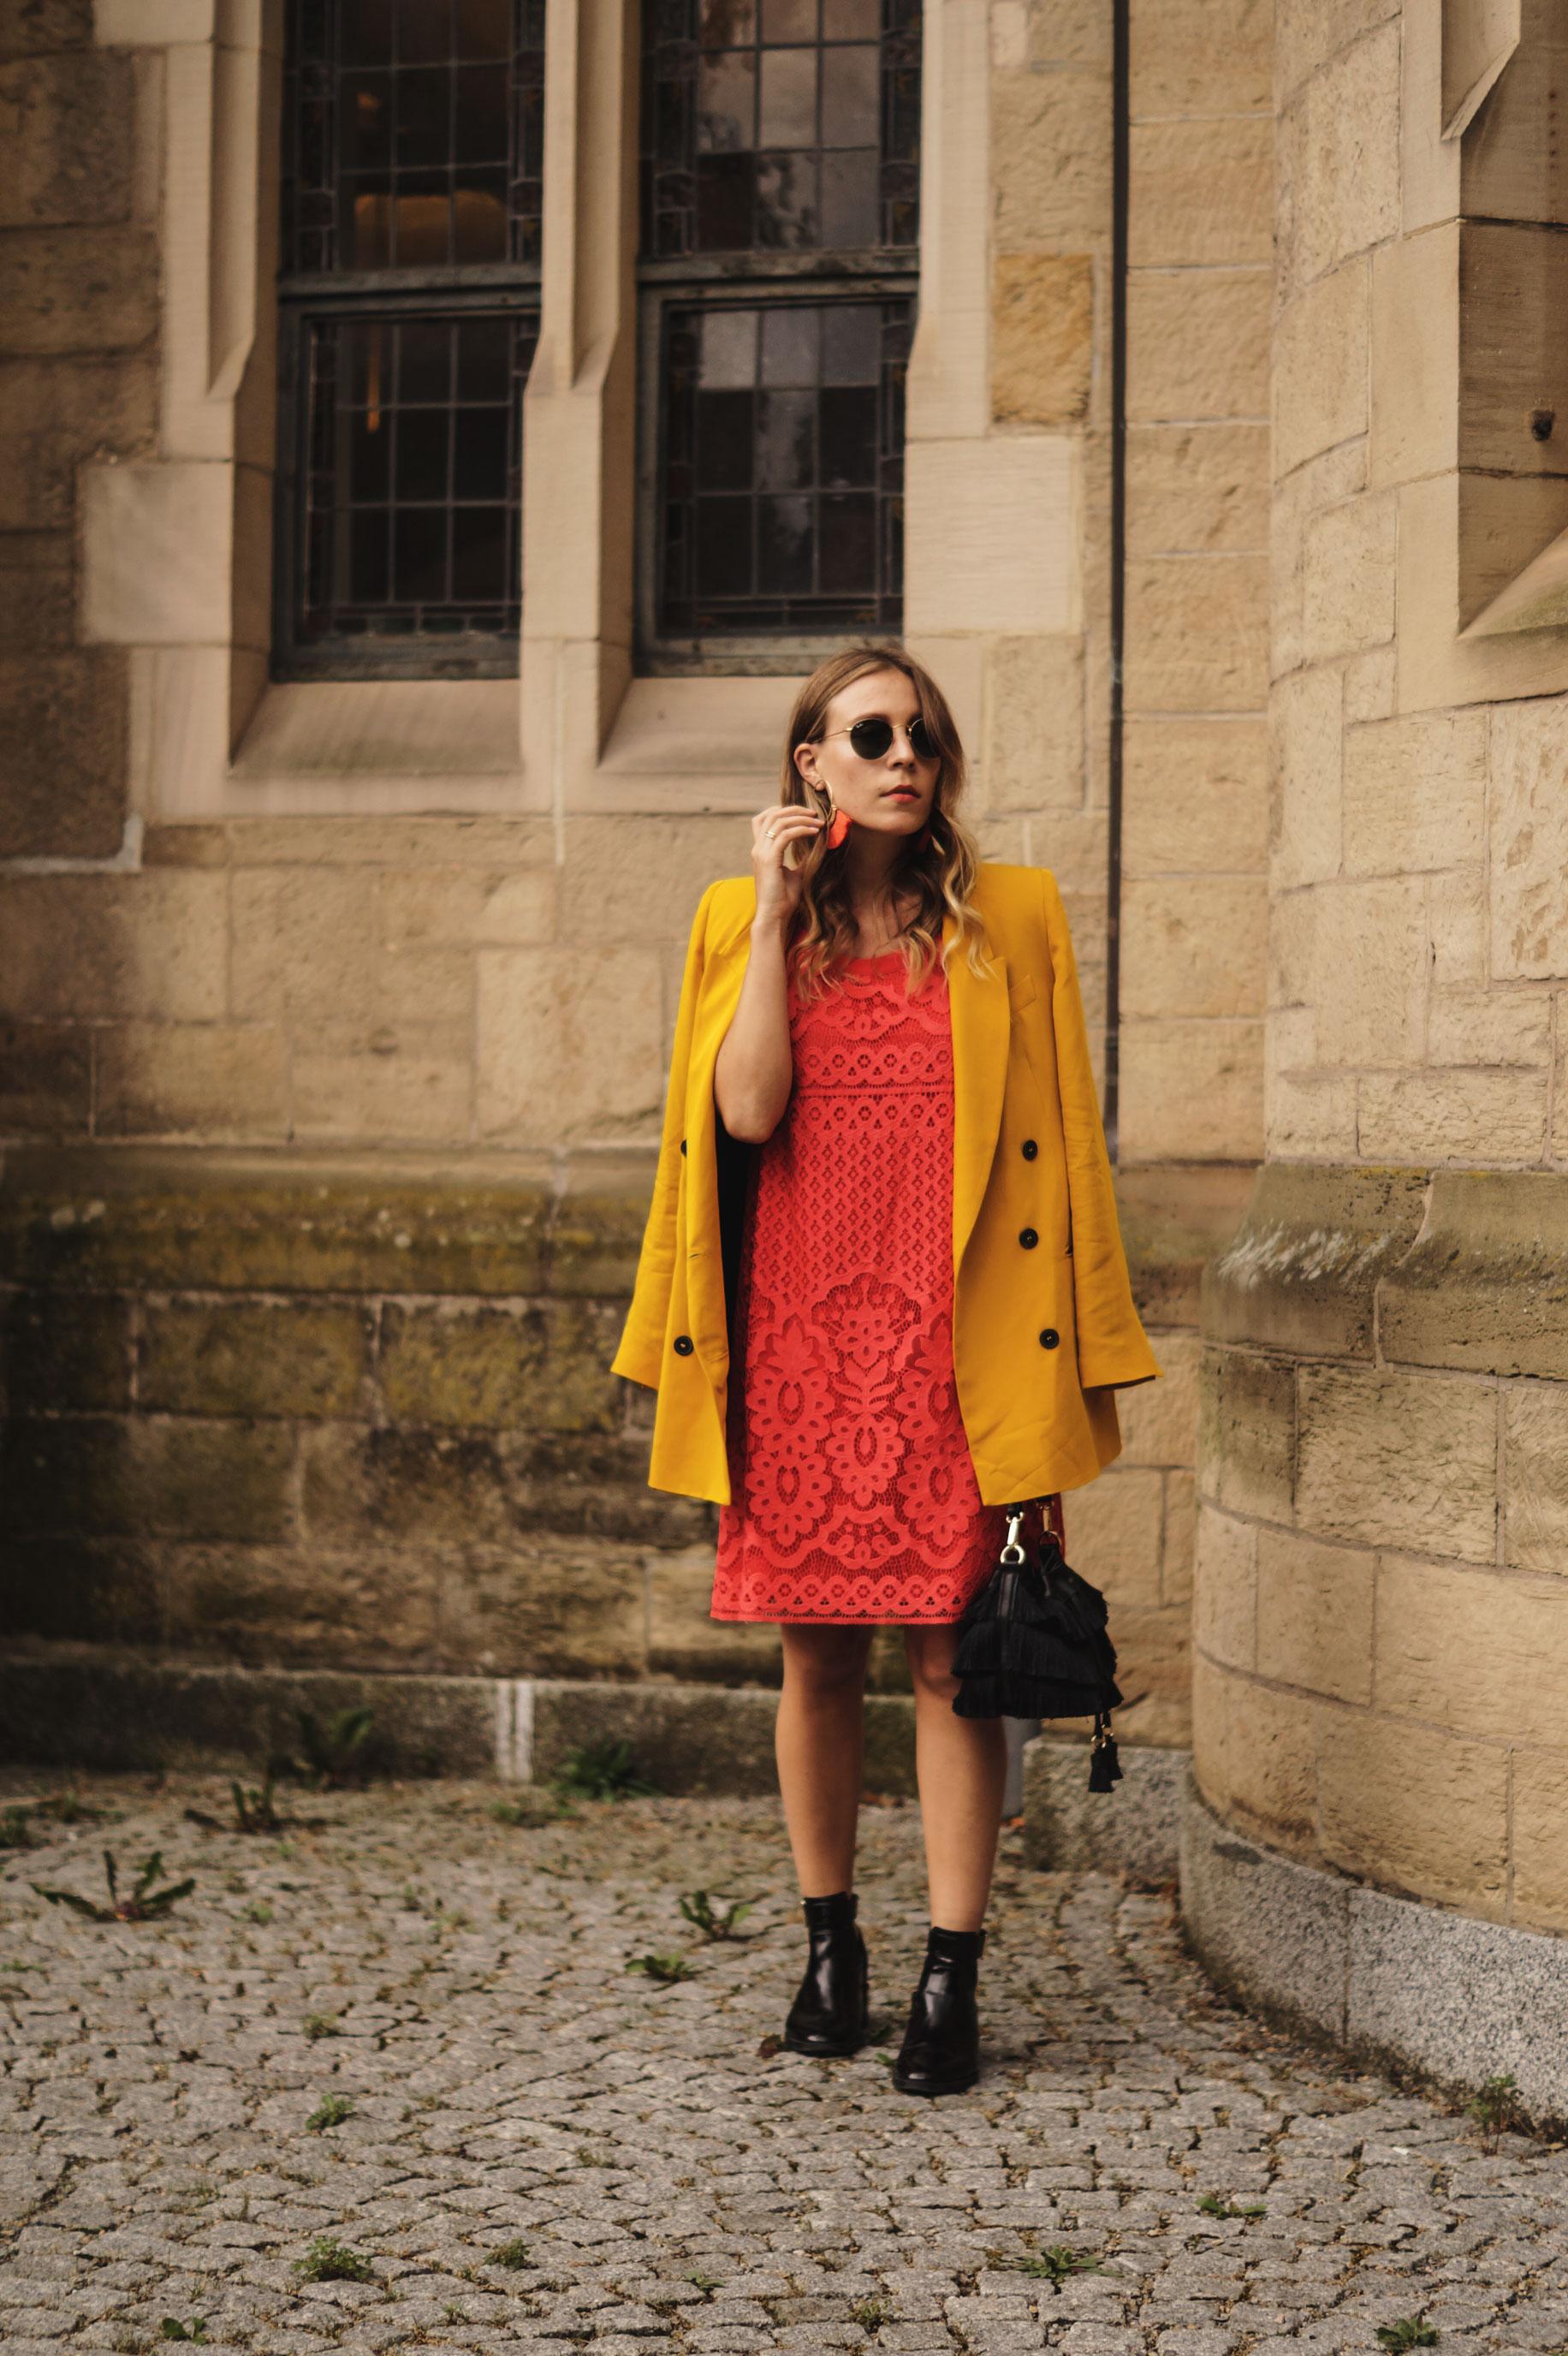 Modeblog Sariety Riani Dress Fashion Week Berlin Spitzenkleid gelber Blazer yellow Jacket Fiesta Rianista Color Blocking Fashionblogger_1